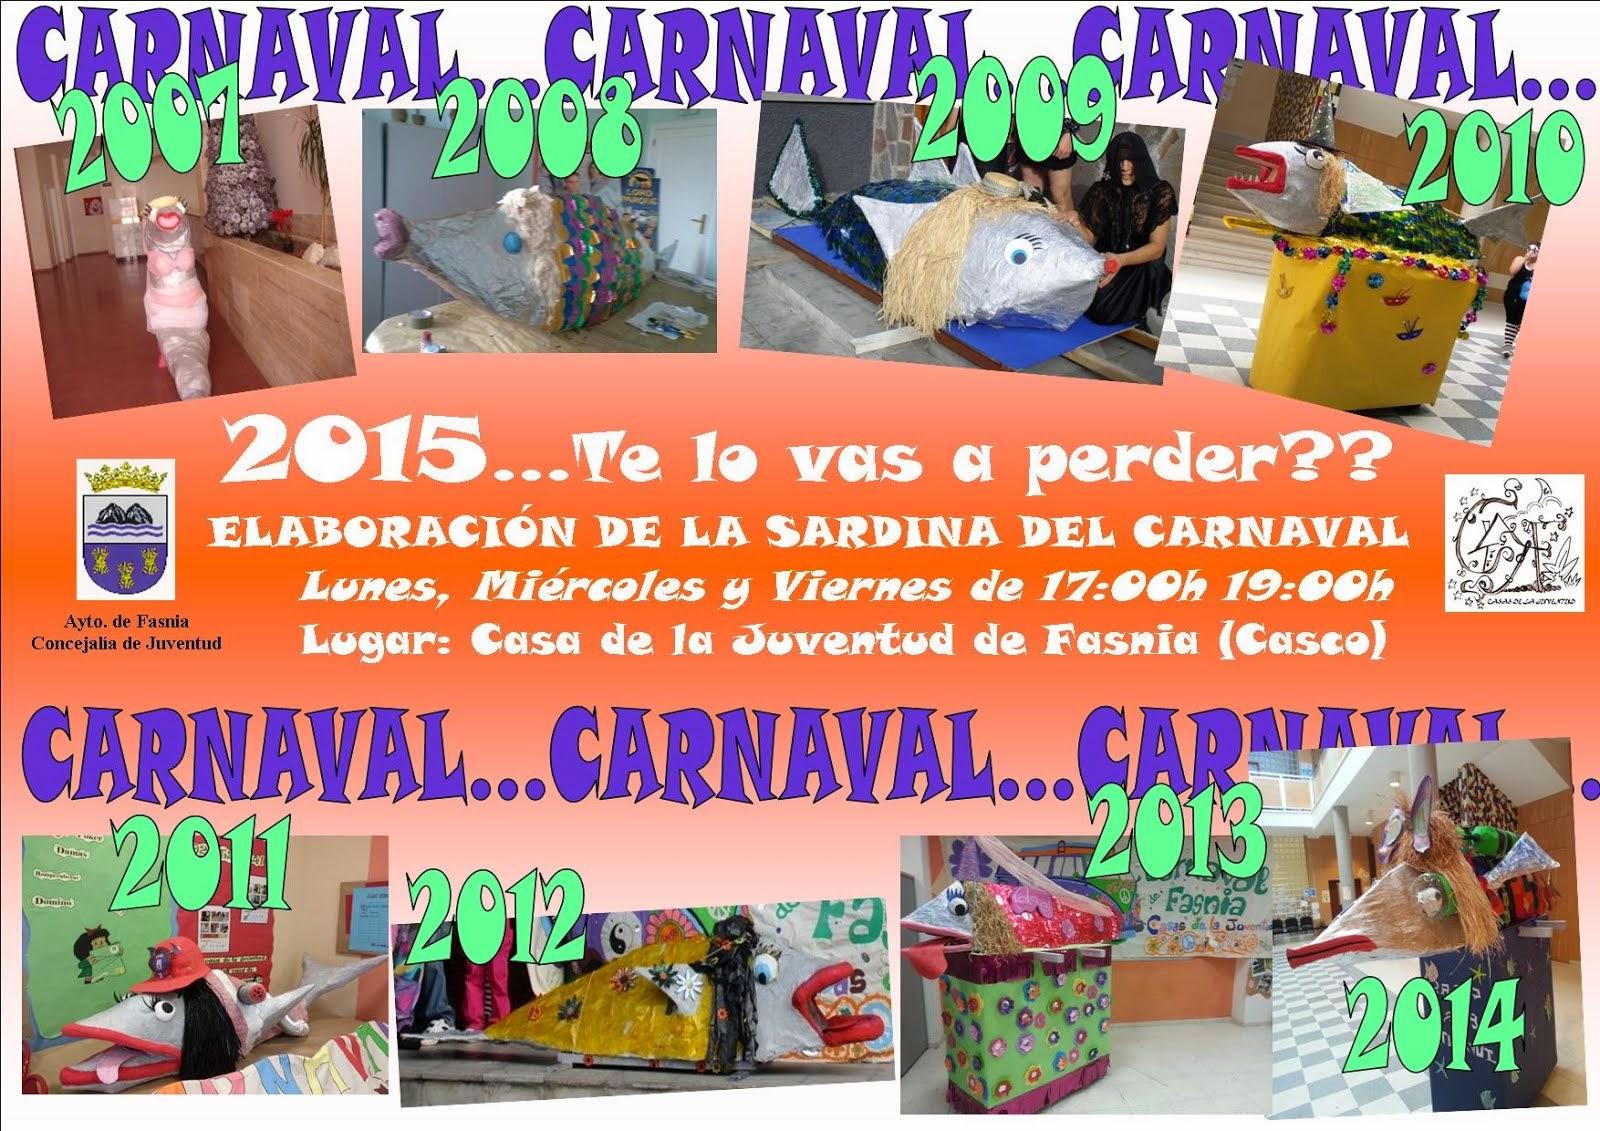 ELABORACIÓN DE LA SARDINA DEL CARNAVAL 2015